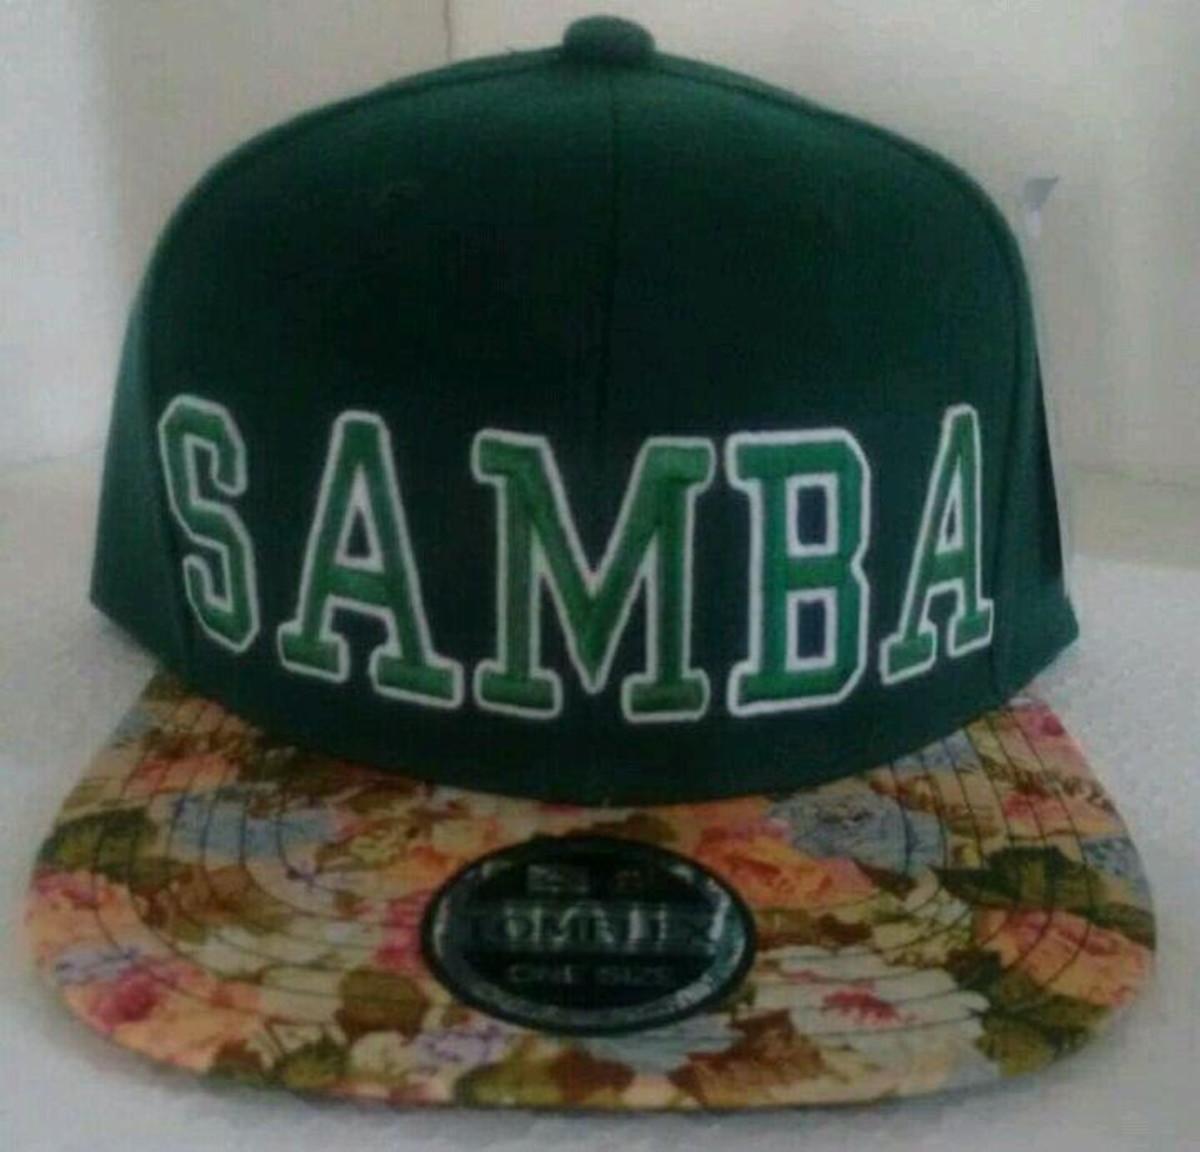 bone-samba-roda-de-samba a26a83c0310